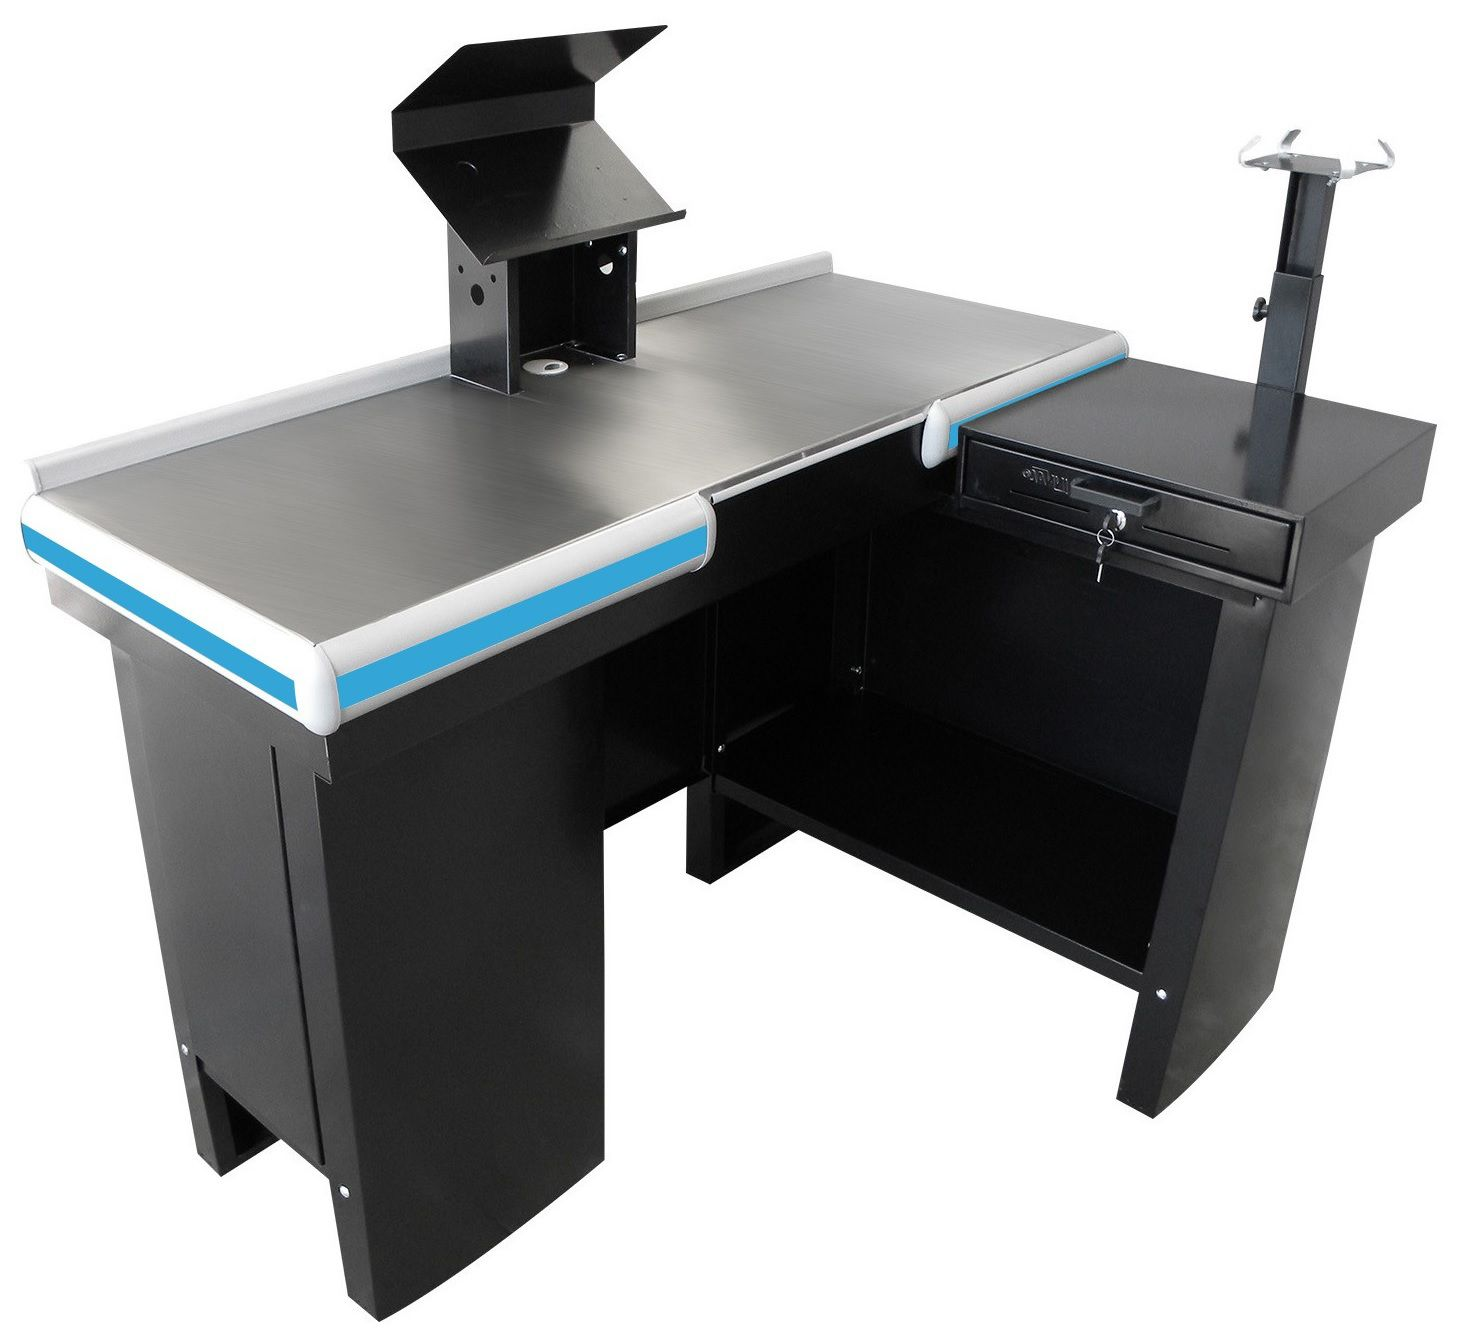 Checkout Caixa de Supermercado Metálico INNAL com Kit para Automação - 1,30 de Largura  - Carmel Equipamentos